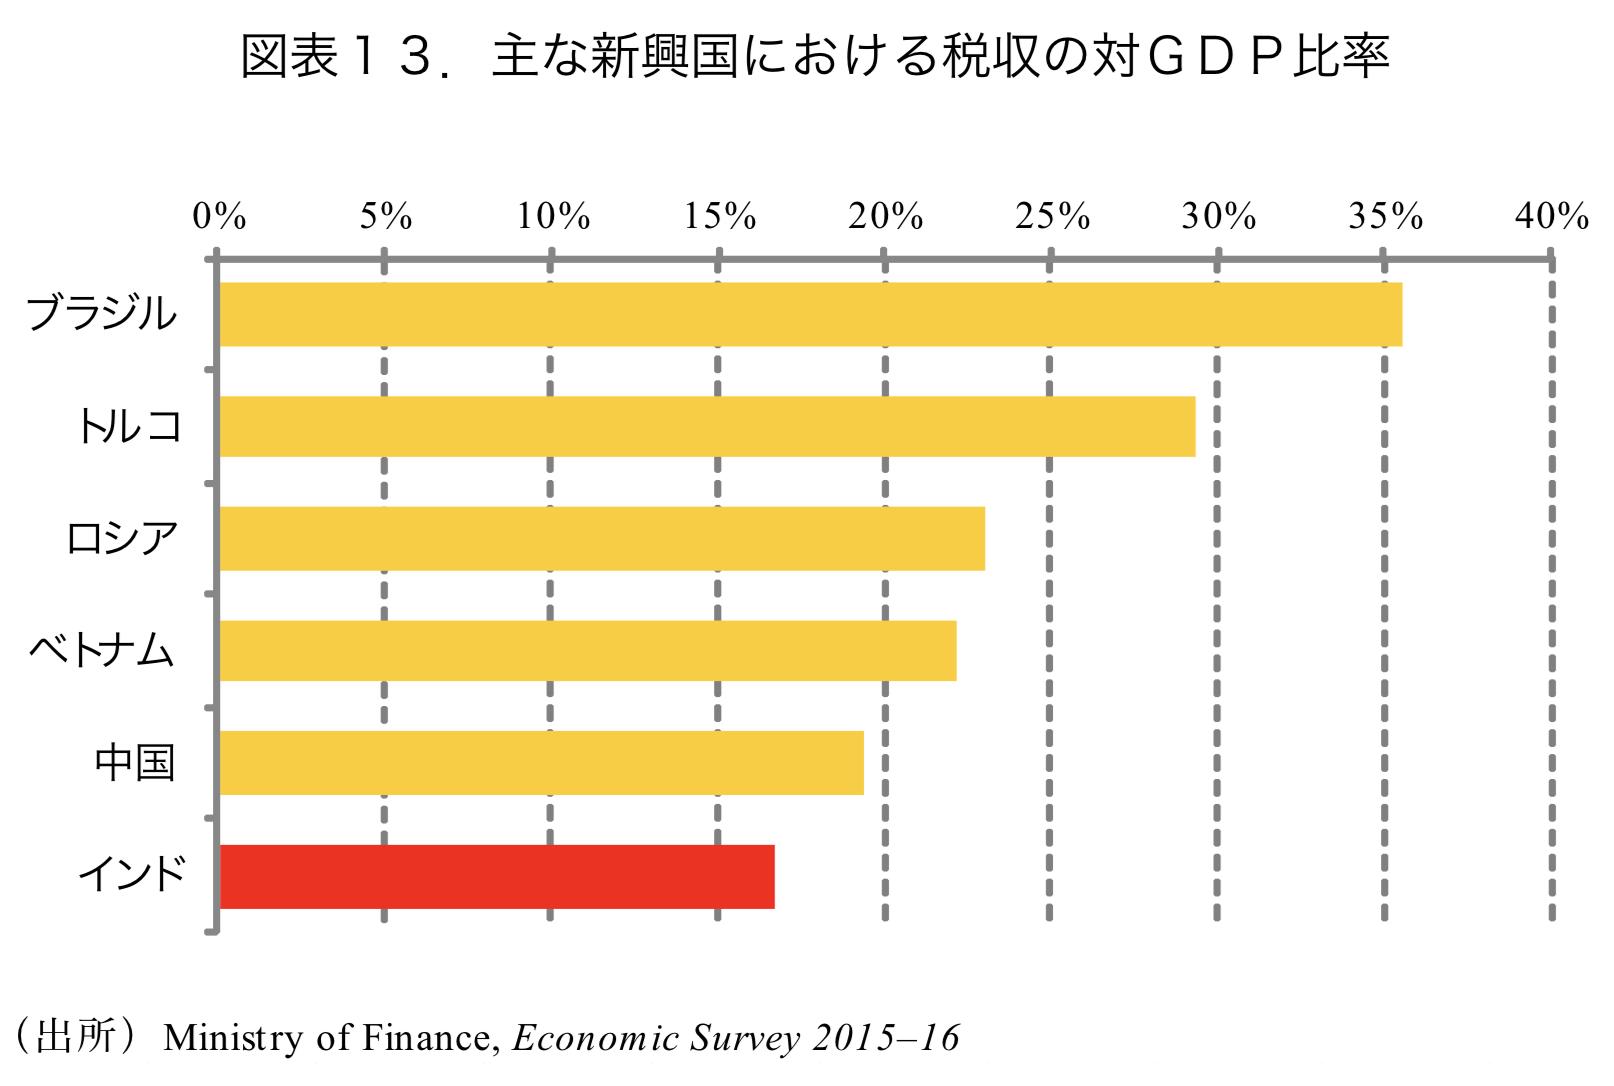 新興国角国の税収の対GDP比率